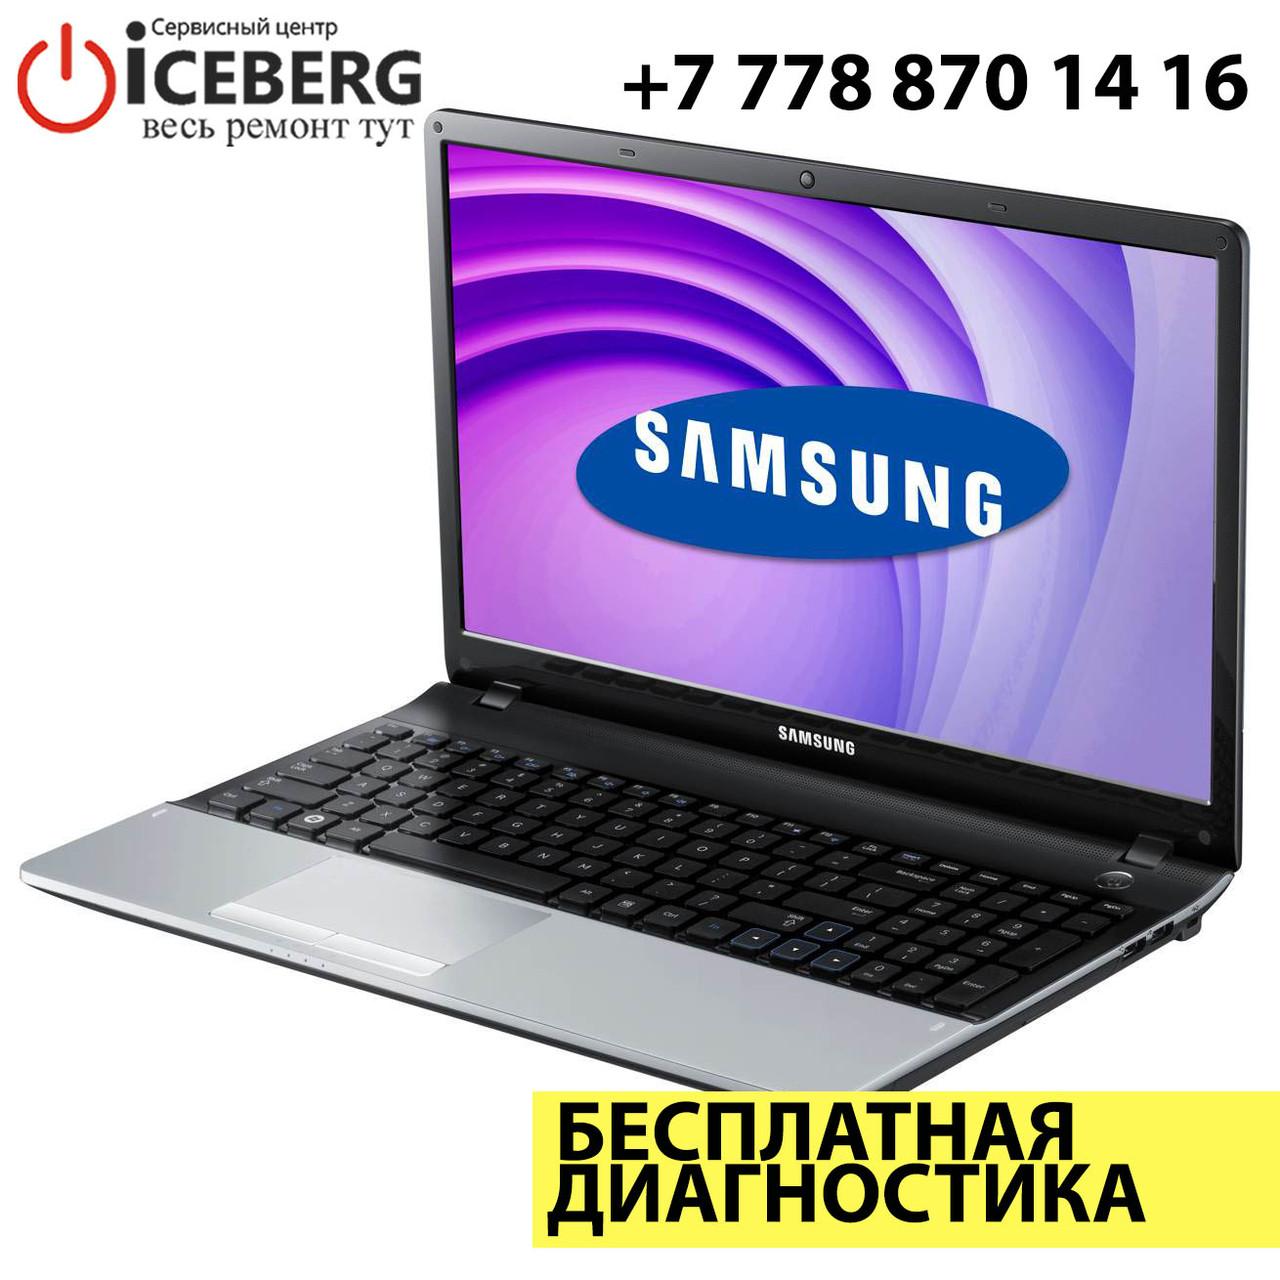 Ремонт ноутбуков и компьютеров Samsung